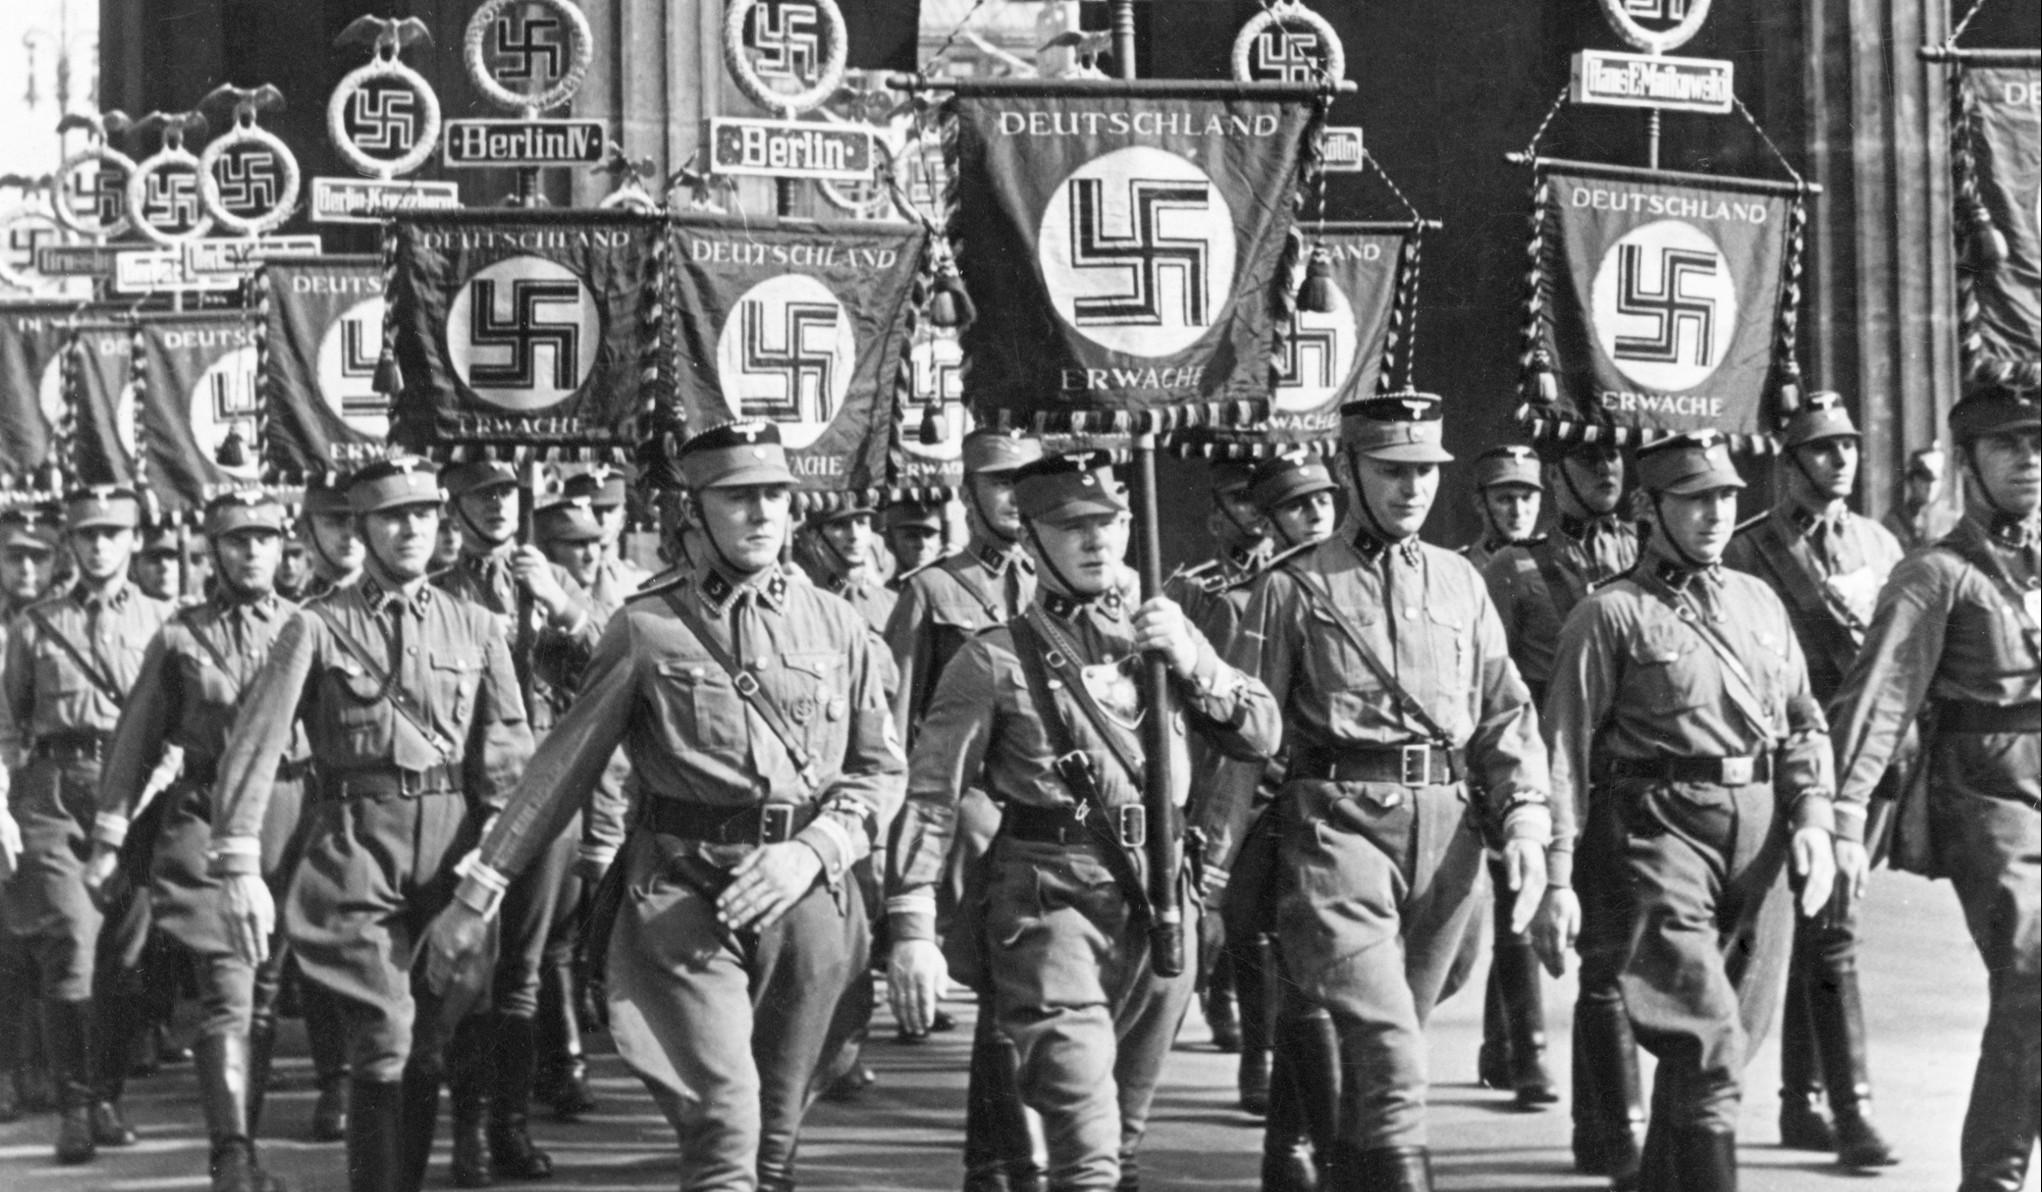 Como os alemães reagiram ao saberem as atrocidades que o nazismo cometeu?